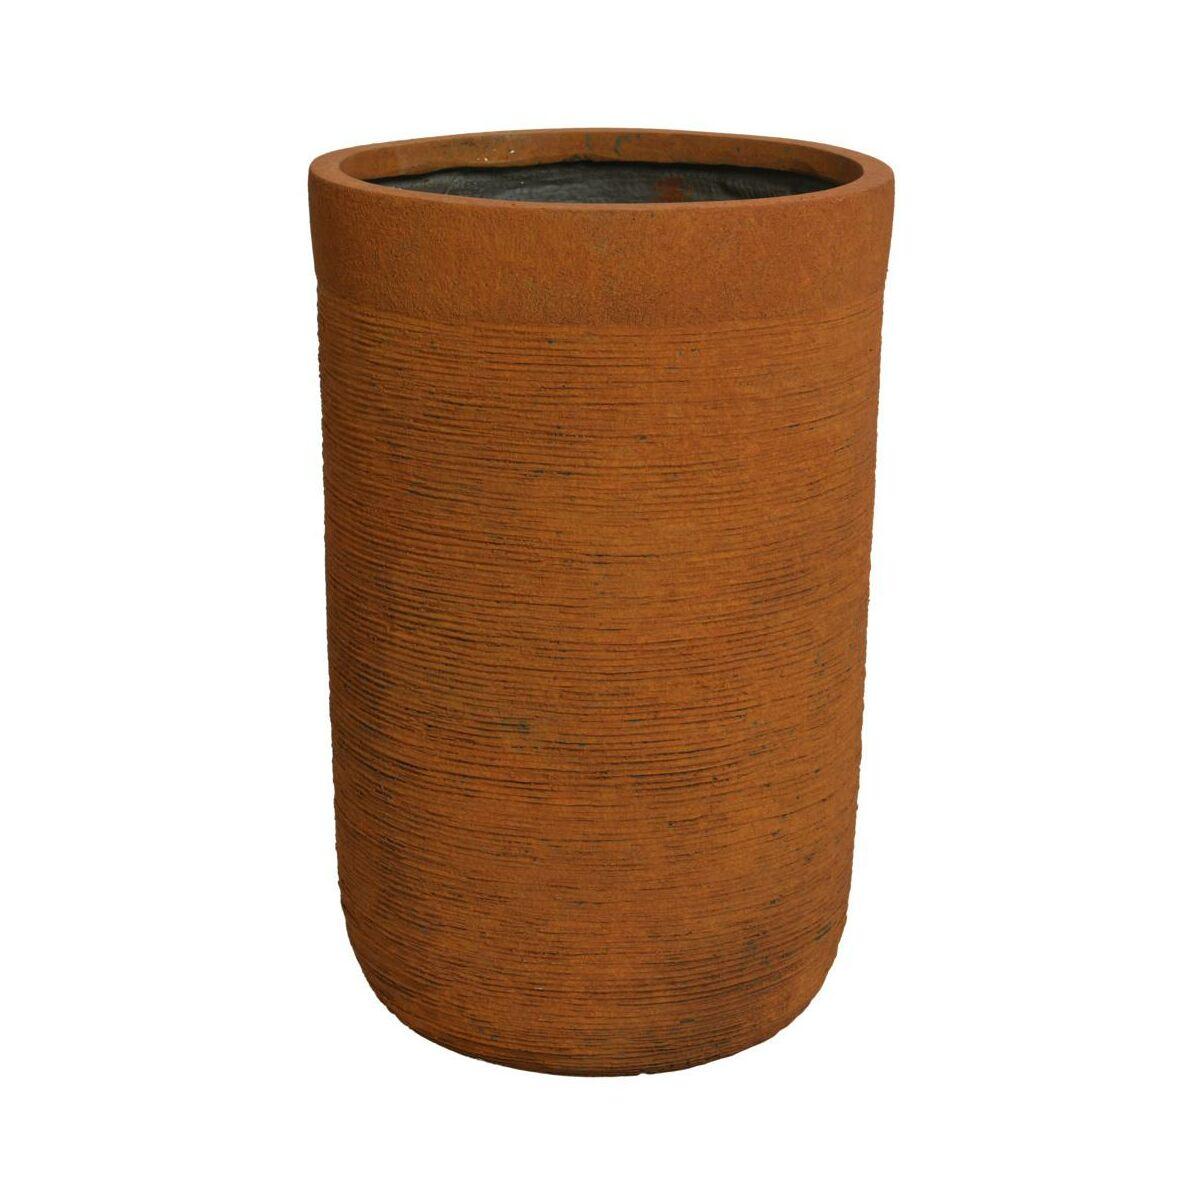 Doniczka betonowa 24 cm rdzawa KAEMINGK